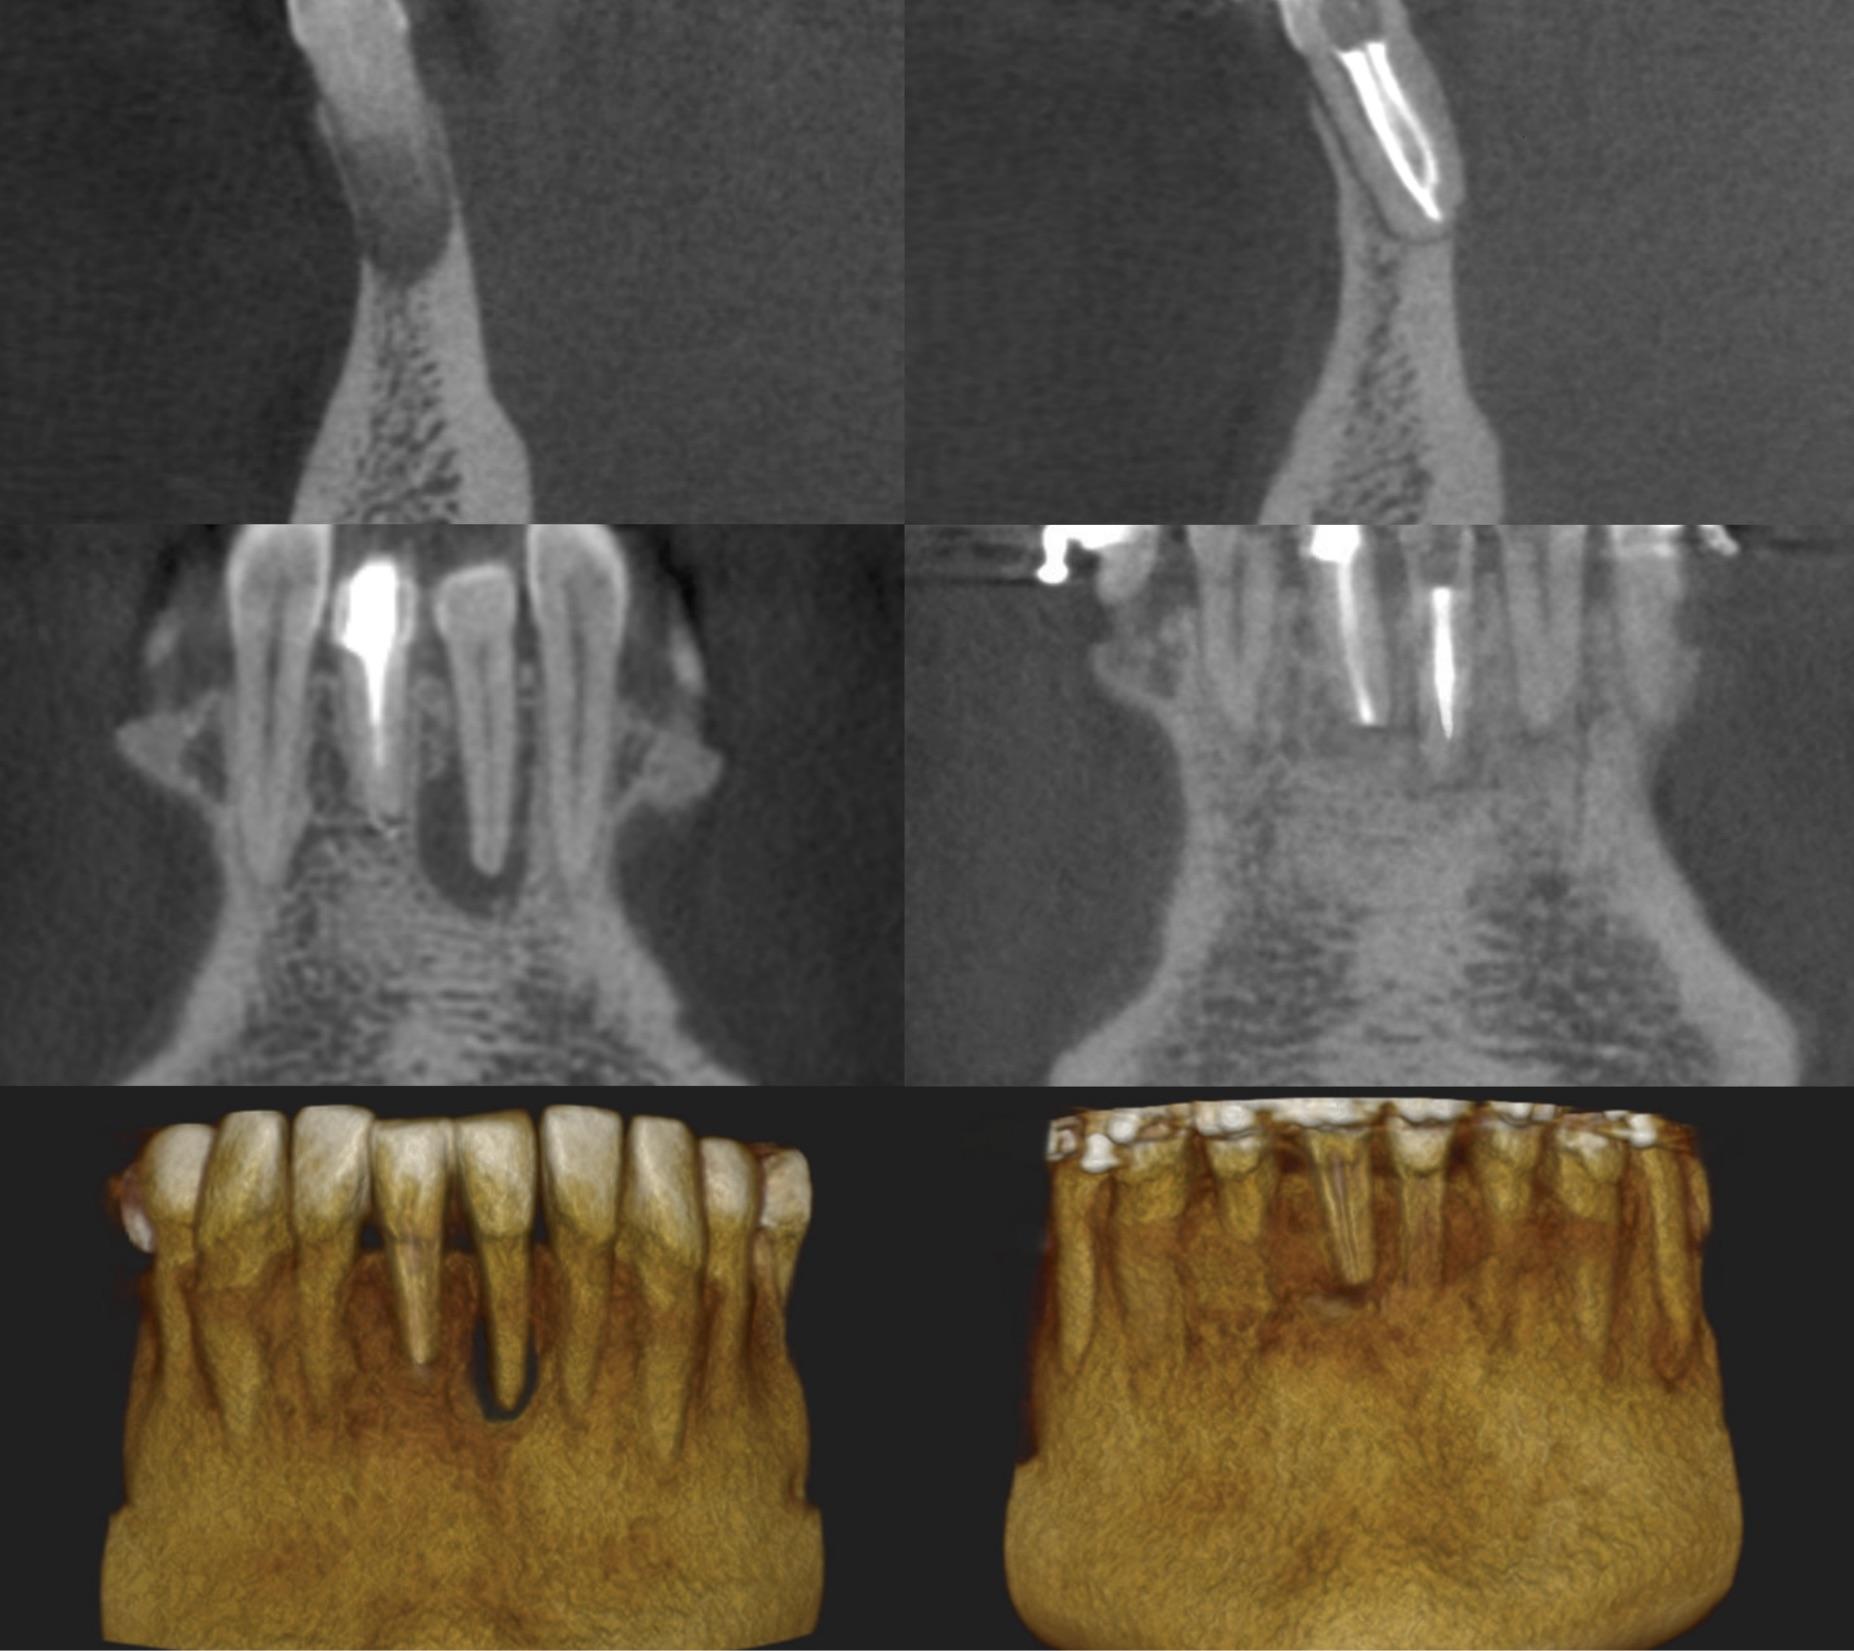 endodoncja mikroskopowa - przed i po